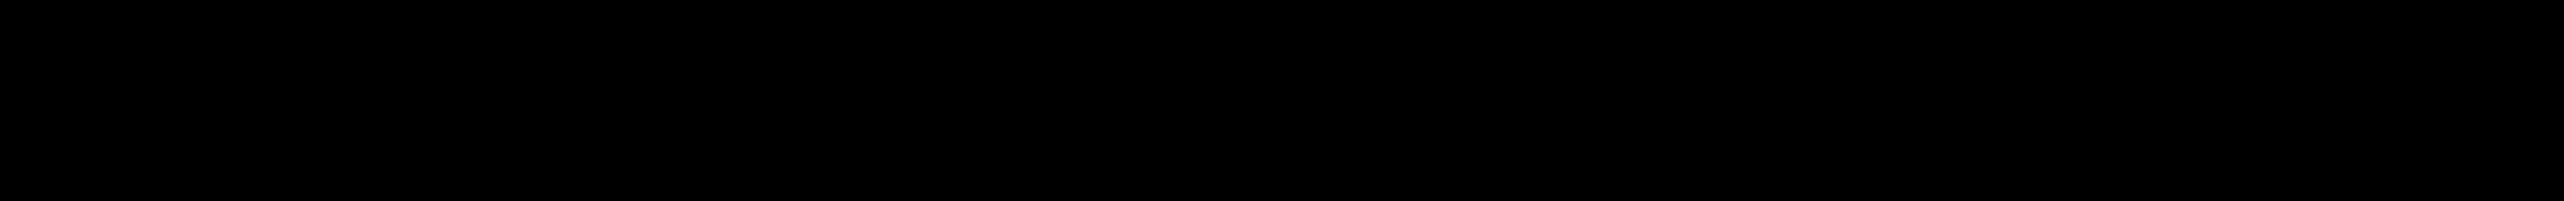 Sol Pro Condensed Medium Italic